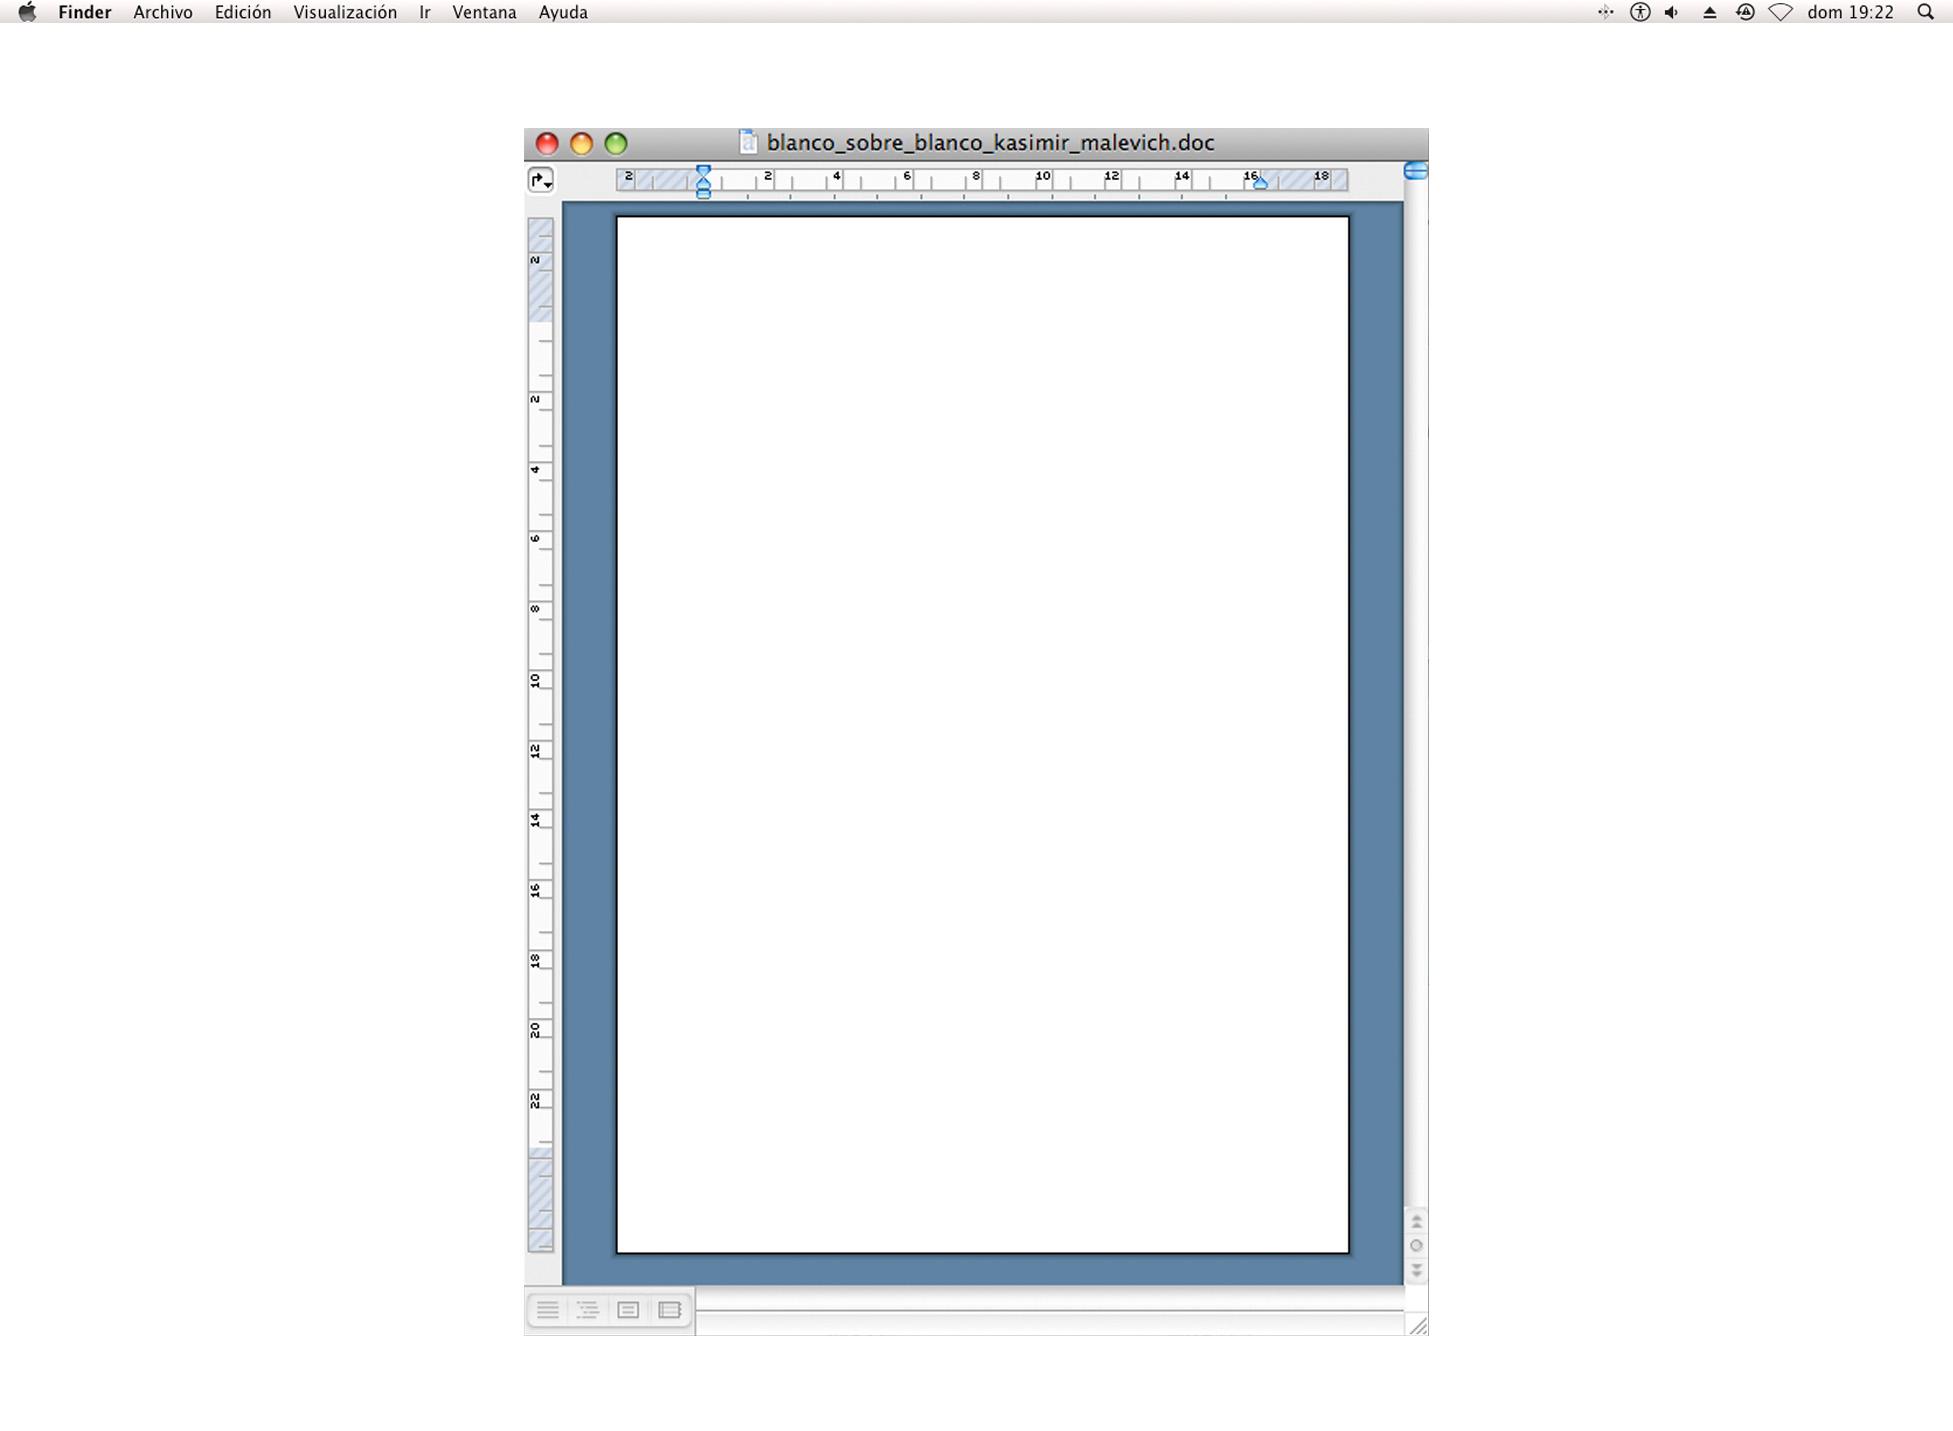 white_(doc)_on_white_(desktop)